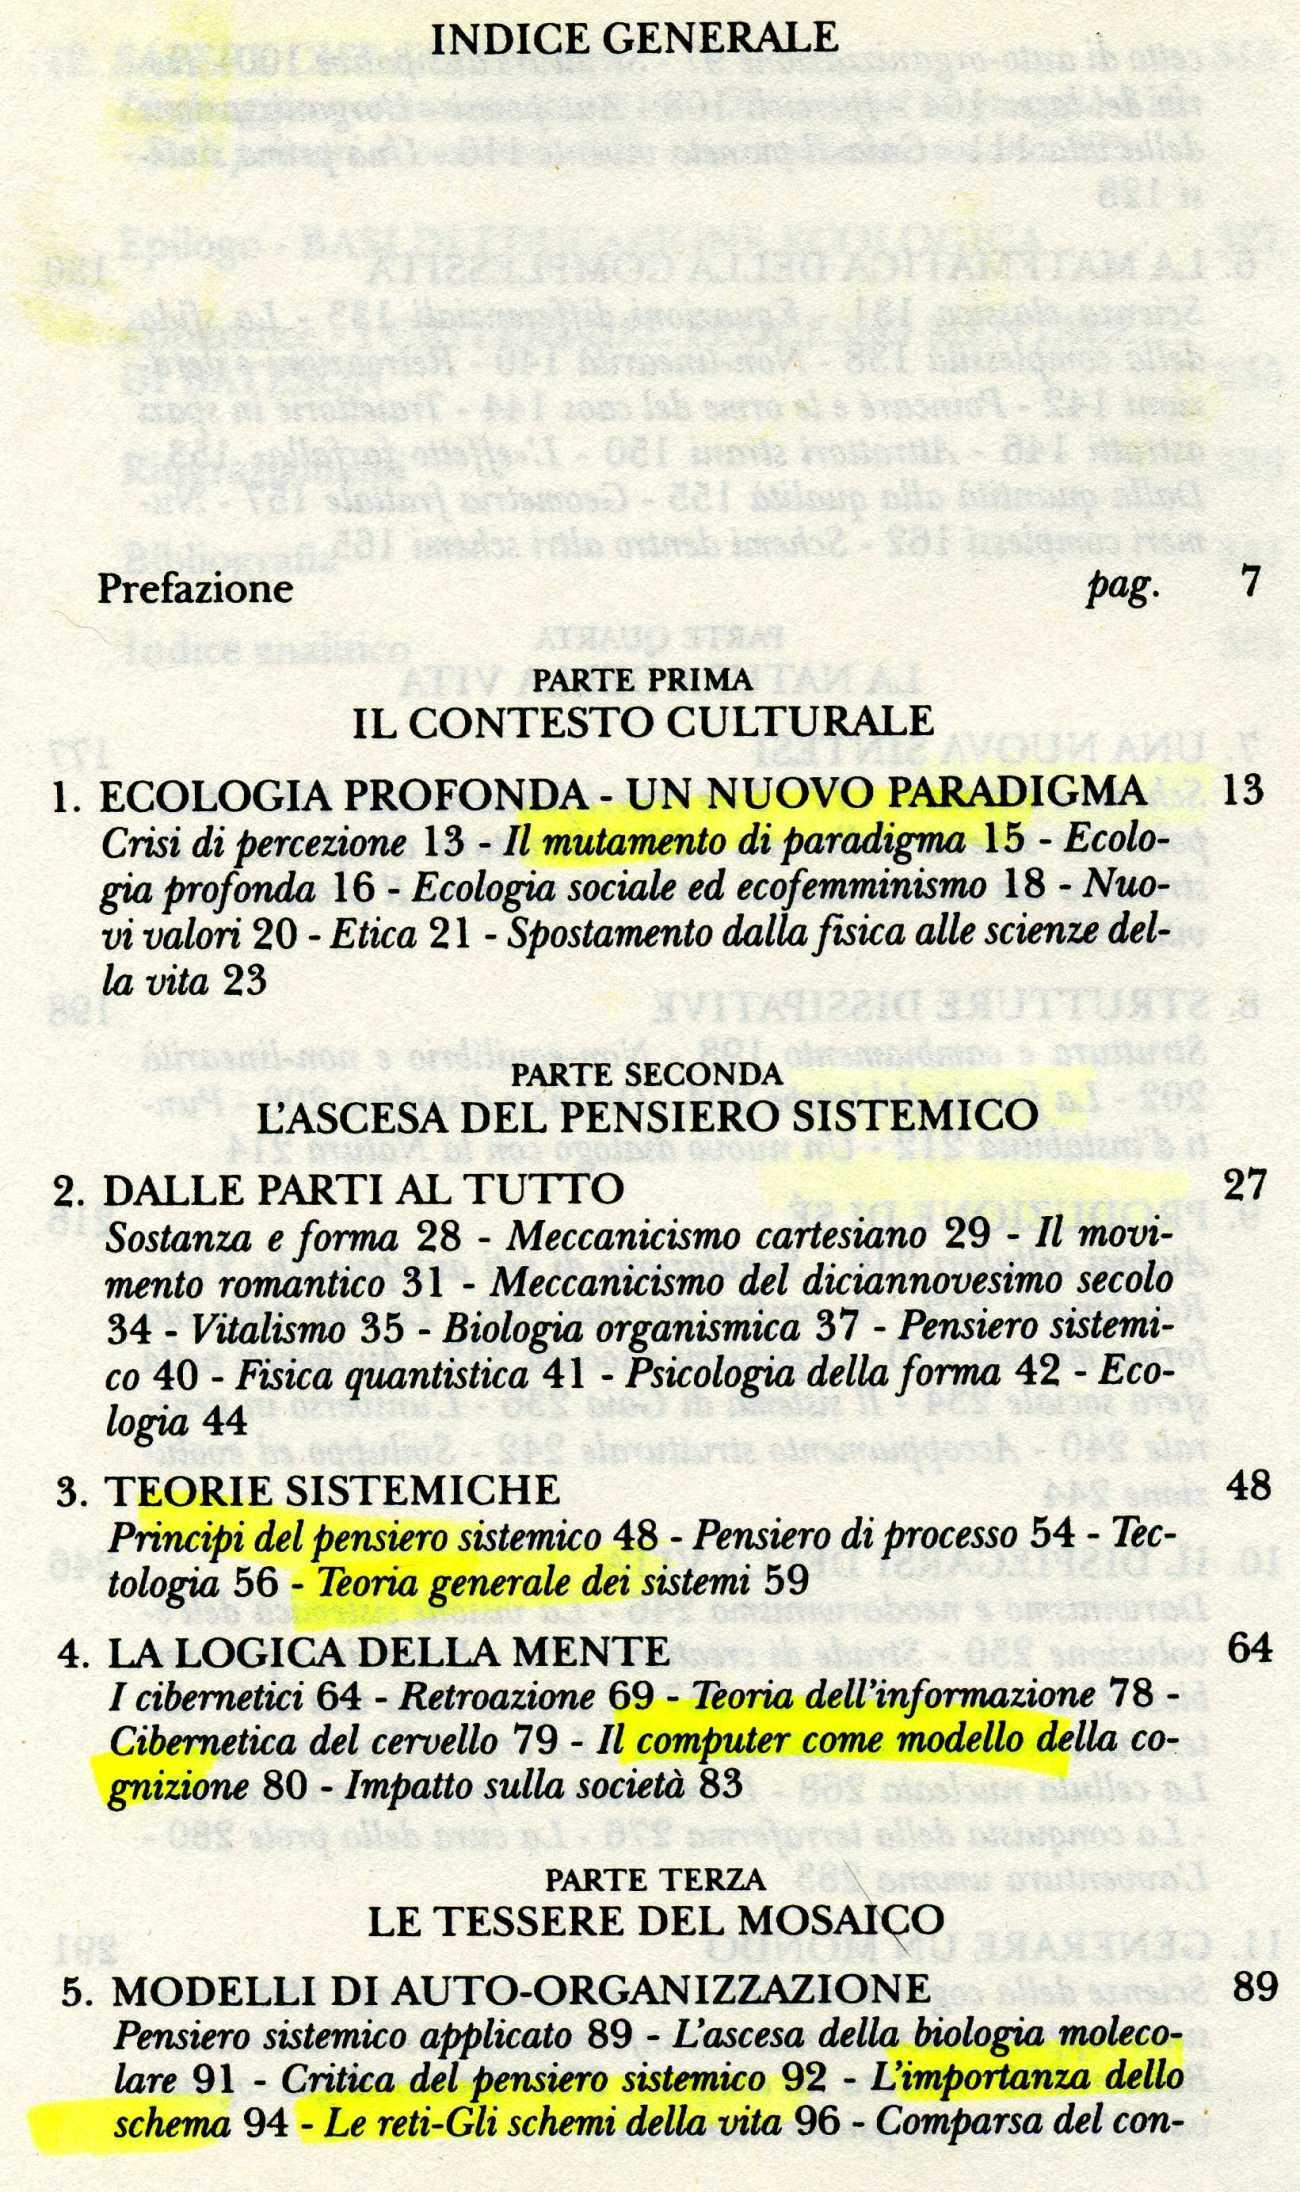 capra643